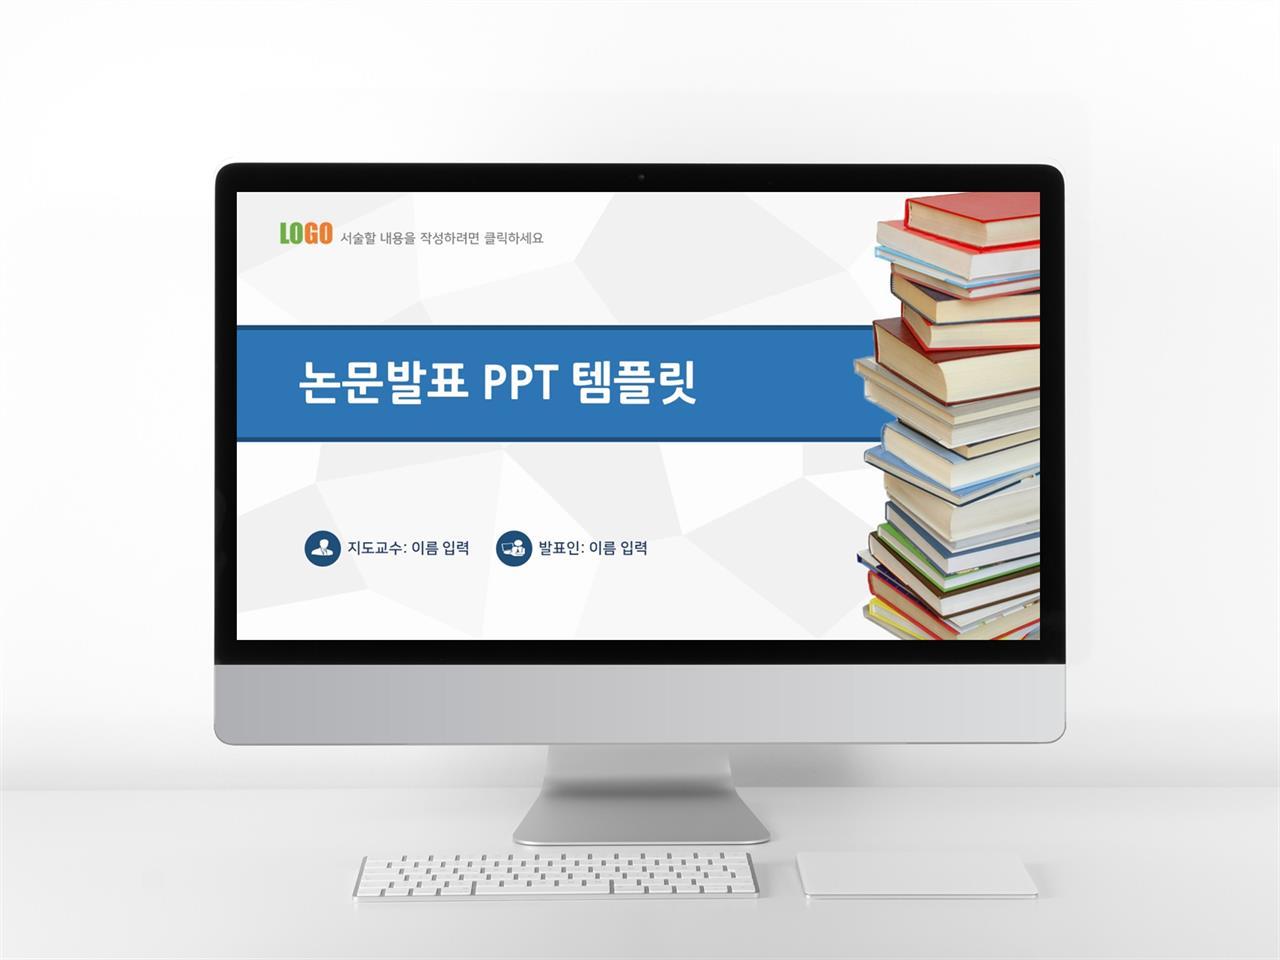 졸업논문 푸른색 알뜰한 발표용 PPT탬플릿 다운 미리보기